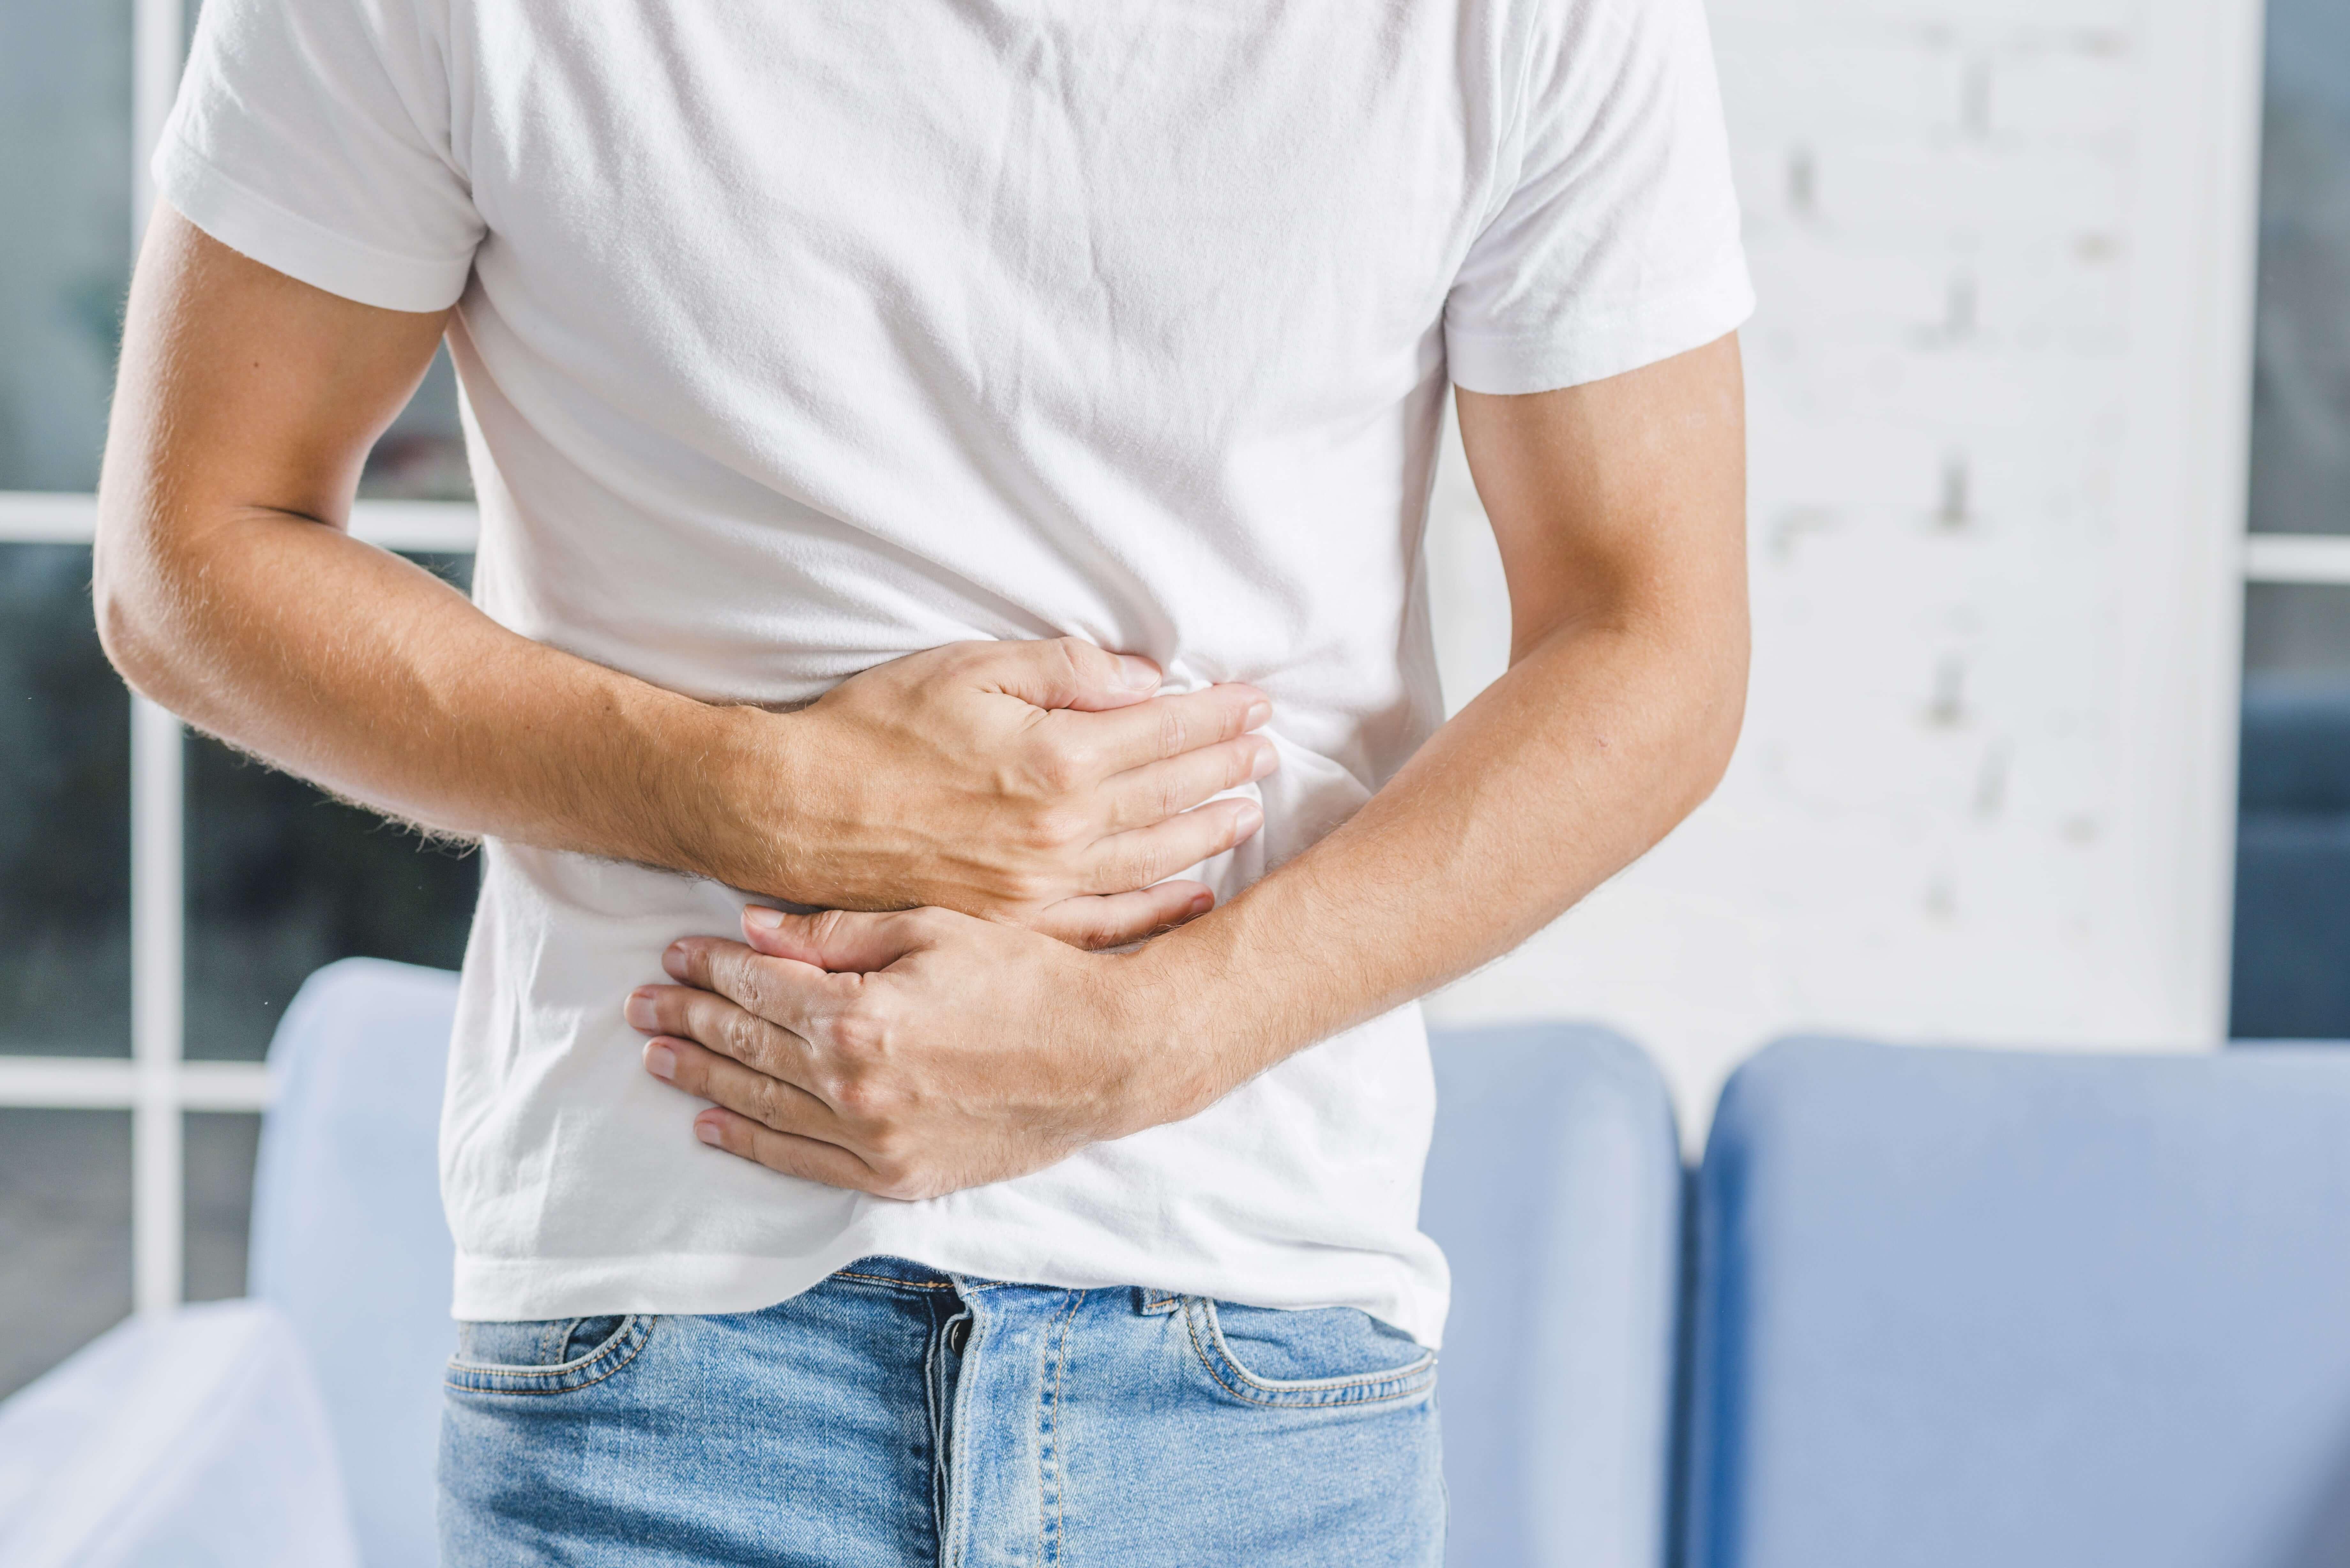 mide üşütmesi nasıl geçer